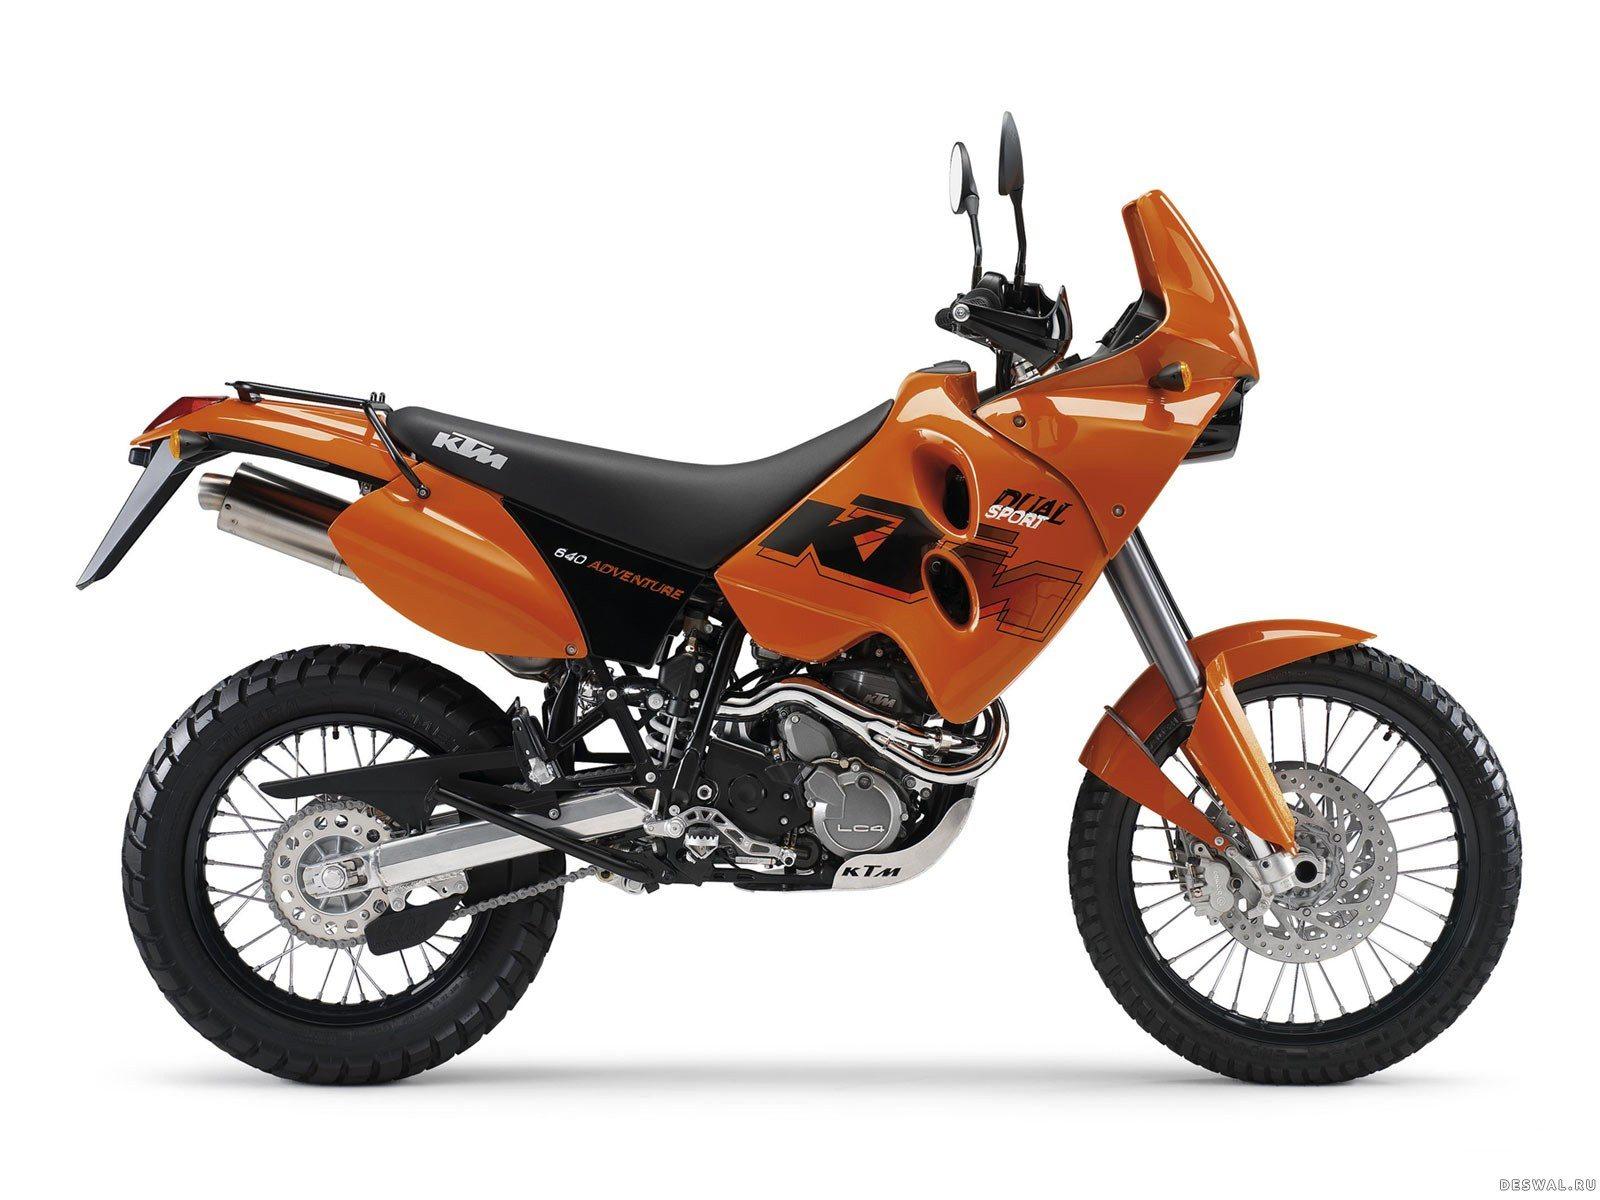 Мотоцикл KTM на великолепной обои. Нажмите на картинку с обоями мотоцикла ktm, чтобы просмотреть ее в реальном размере